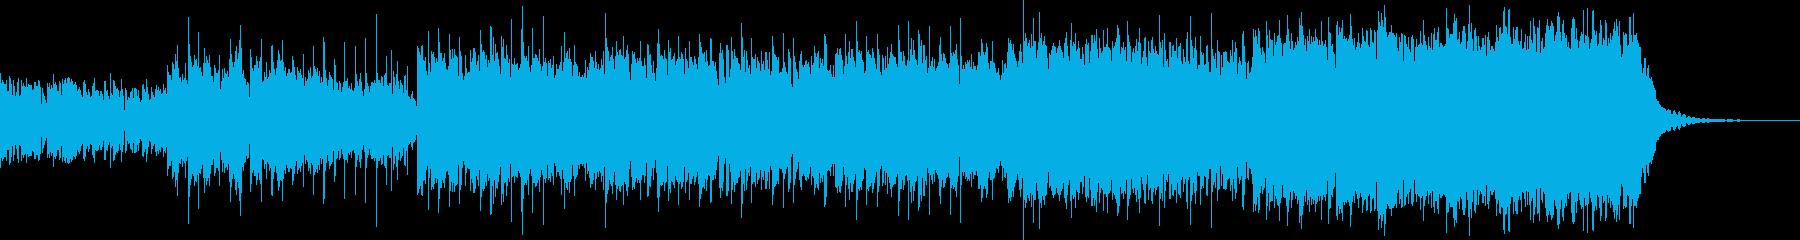 ポップ センチメンタル サスペンス...の再生済みの波形